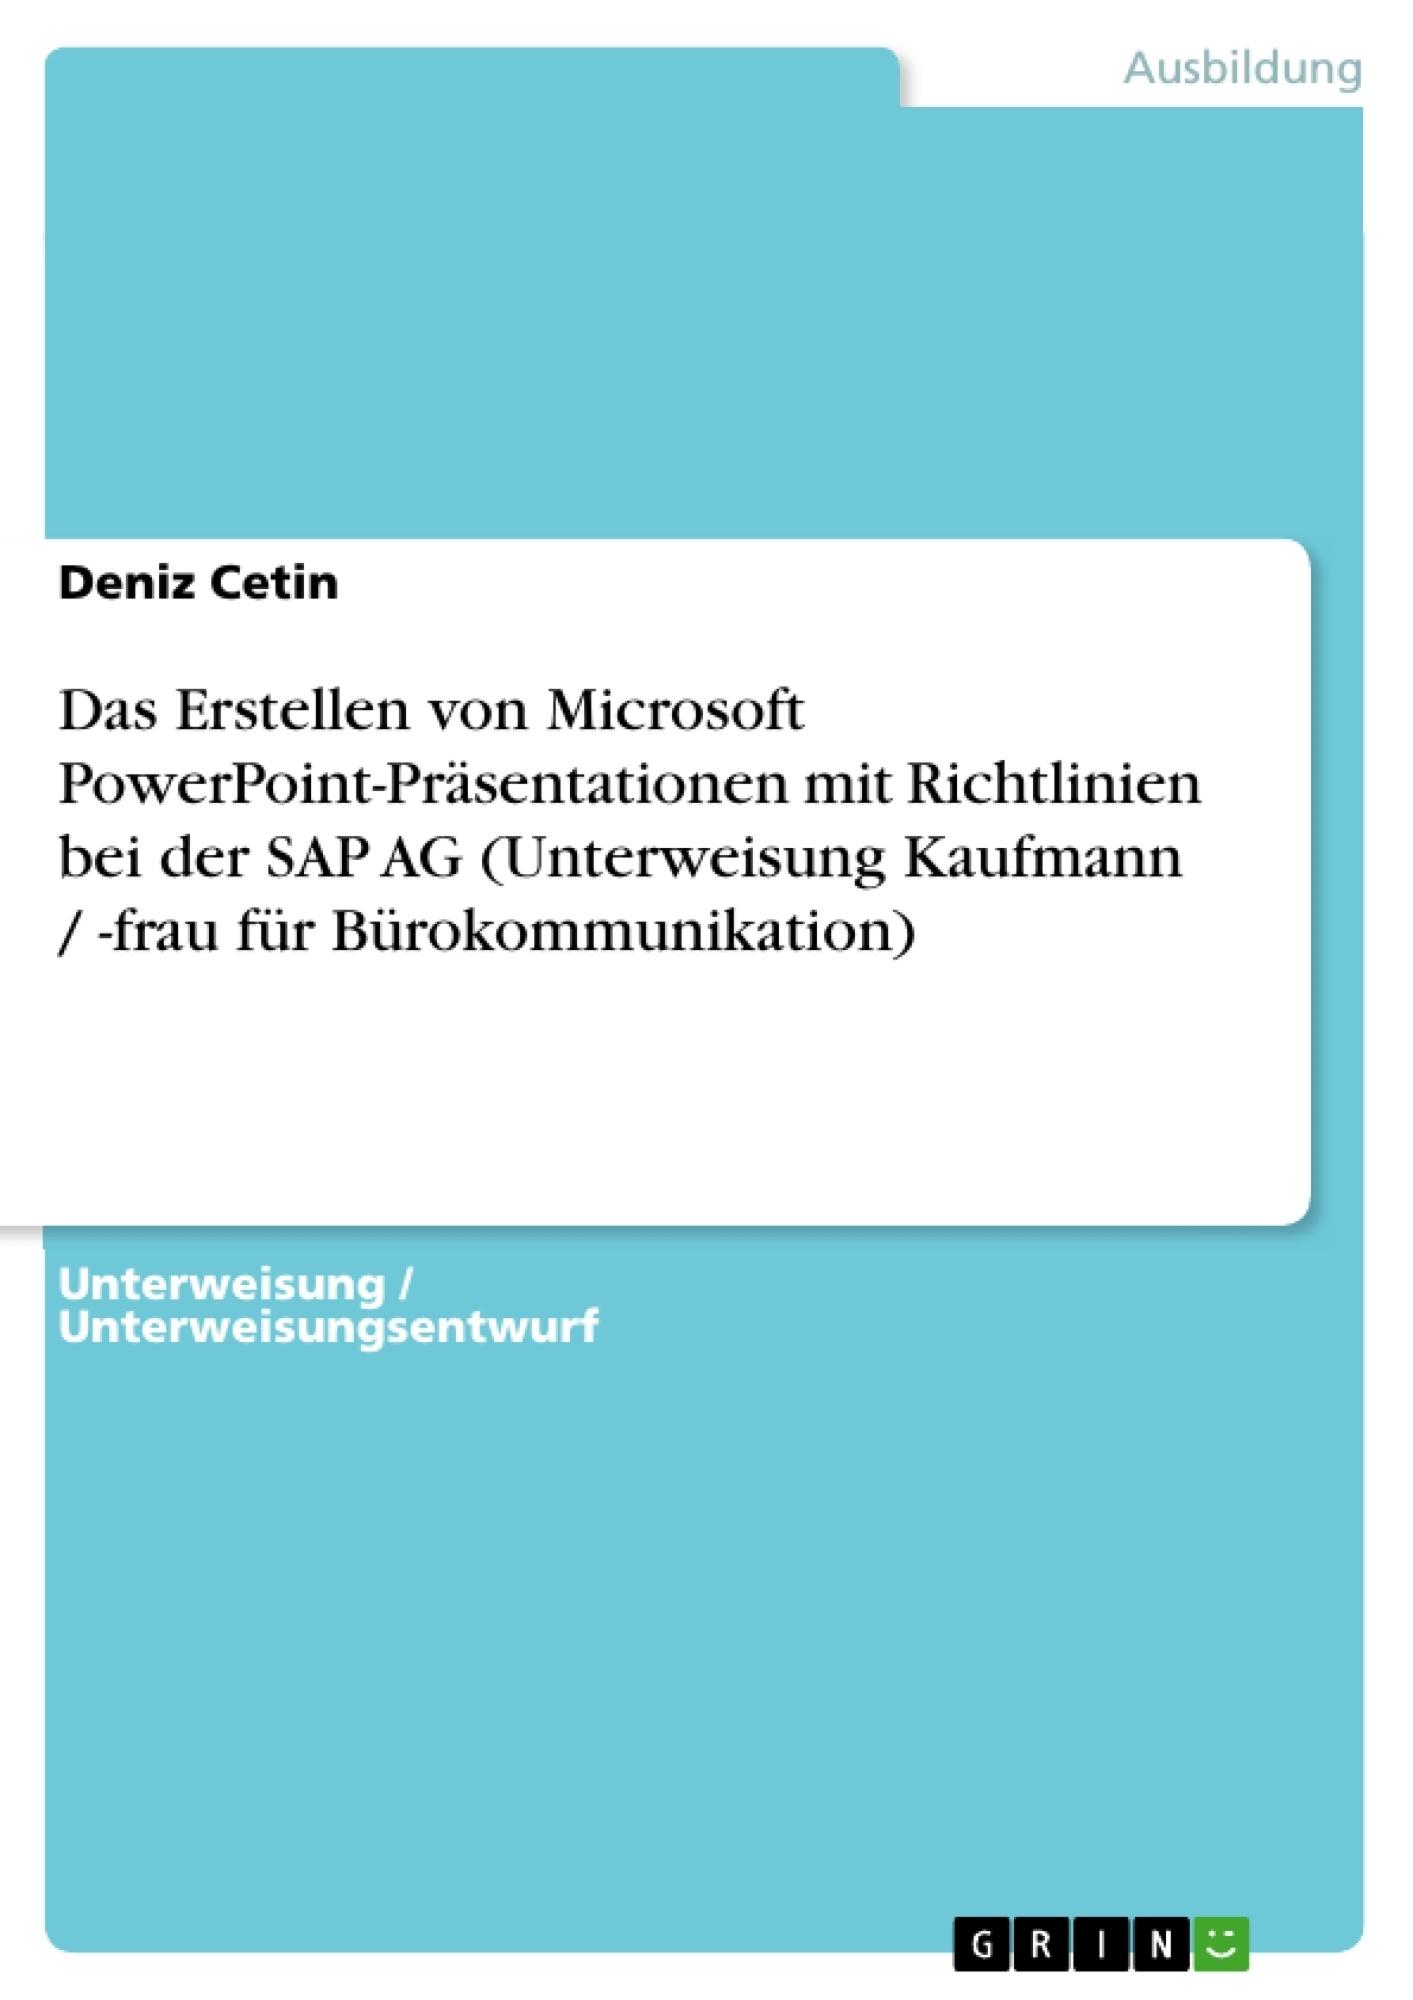 Titel: Das Erstellen von Microsoft PowerPoint-Präsentationen mit Richtlinien bei der SAP AG (Unterweisung Kaufmann / -frau für Bürokommunikation)